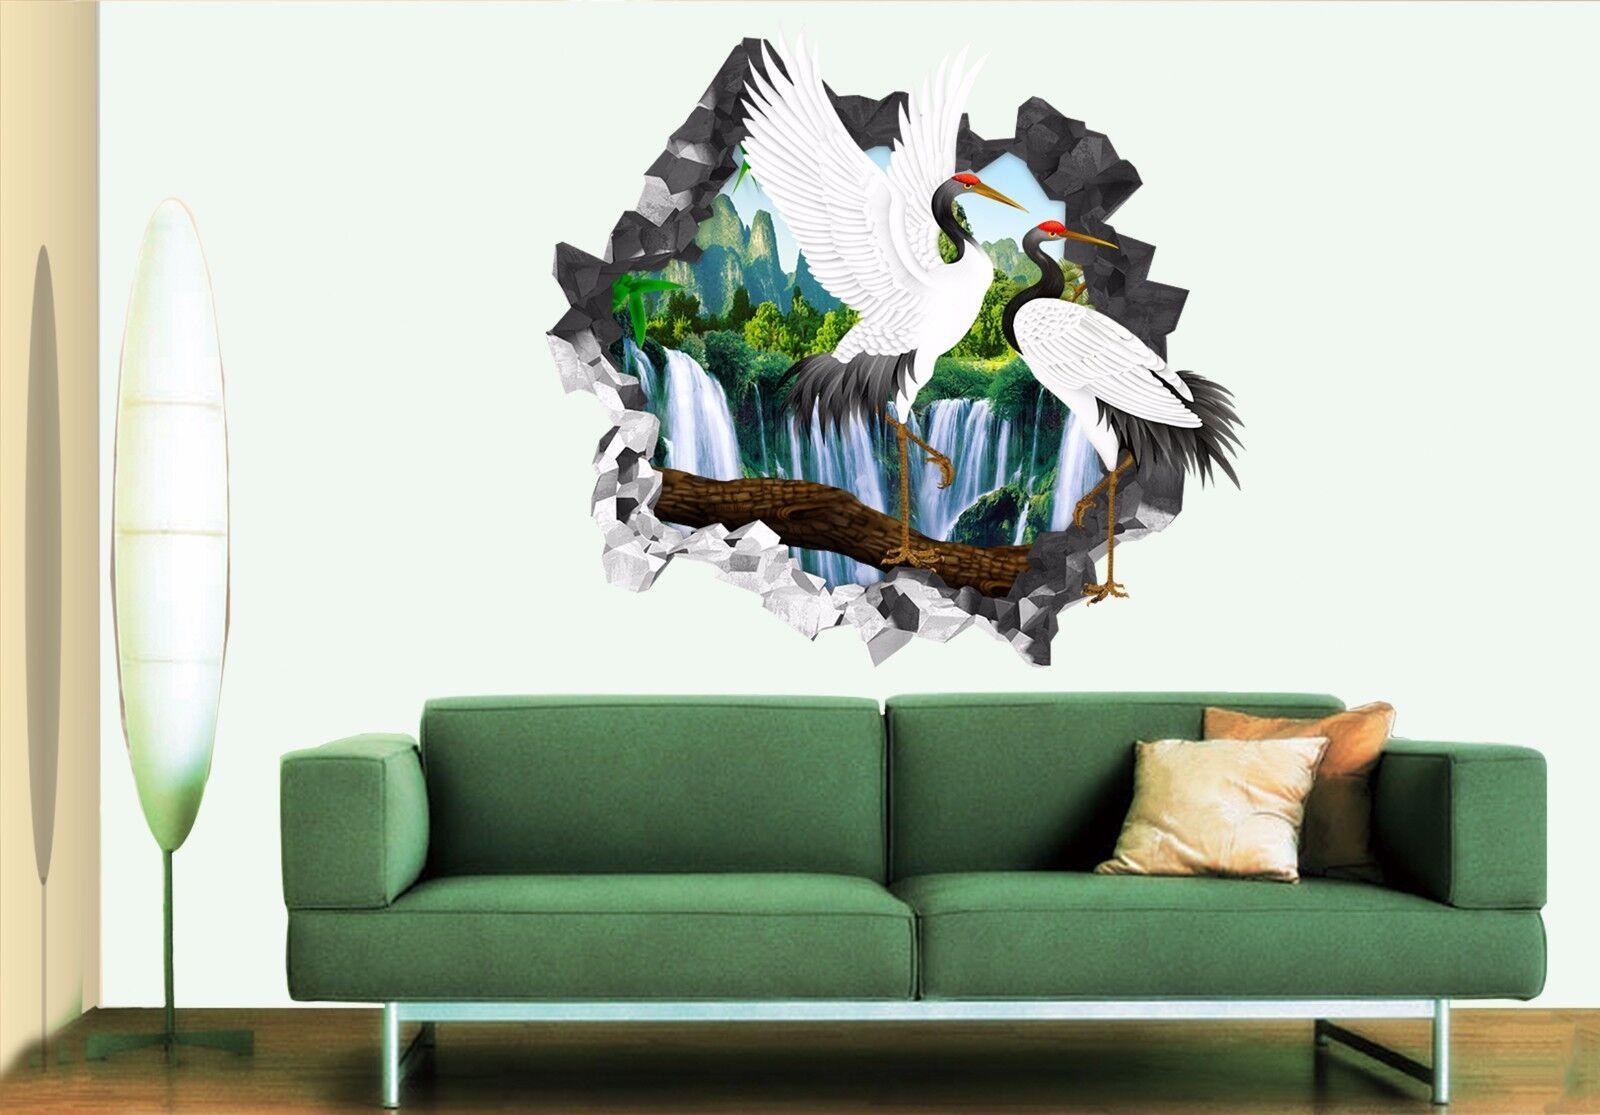 3D Feenhaftes 729 Mauer Murals Mauer Aufklebe Decal Durchbruch AJ WALL DE Kyra